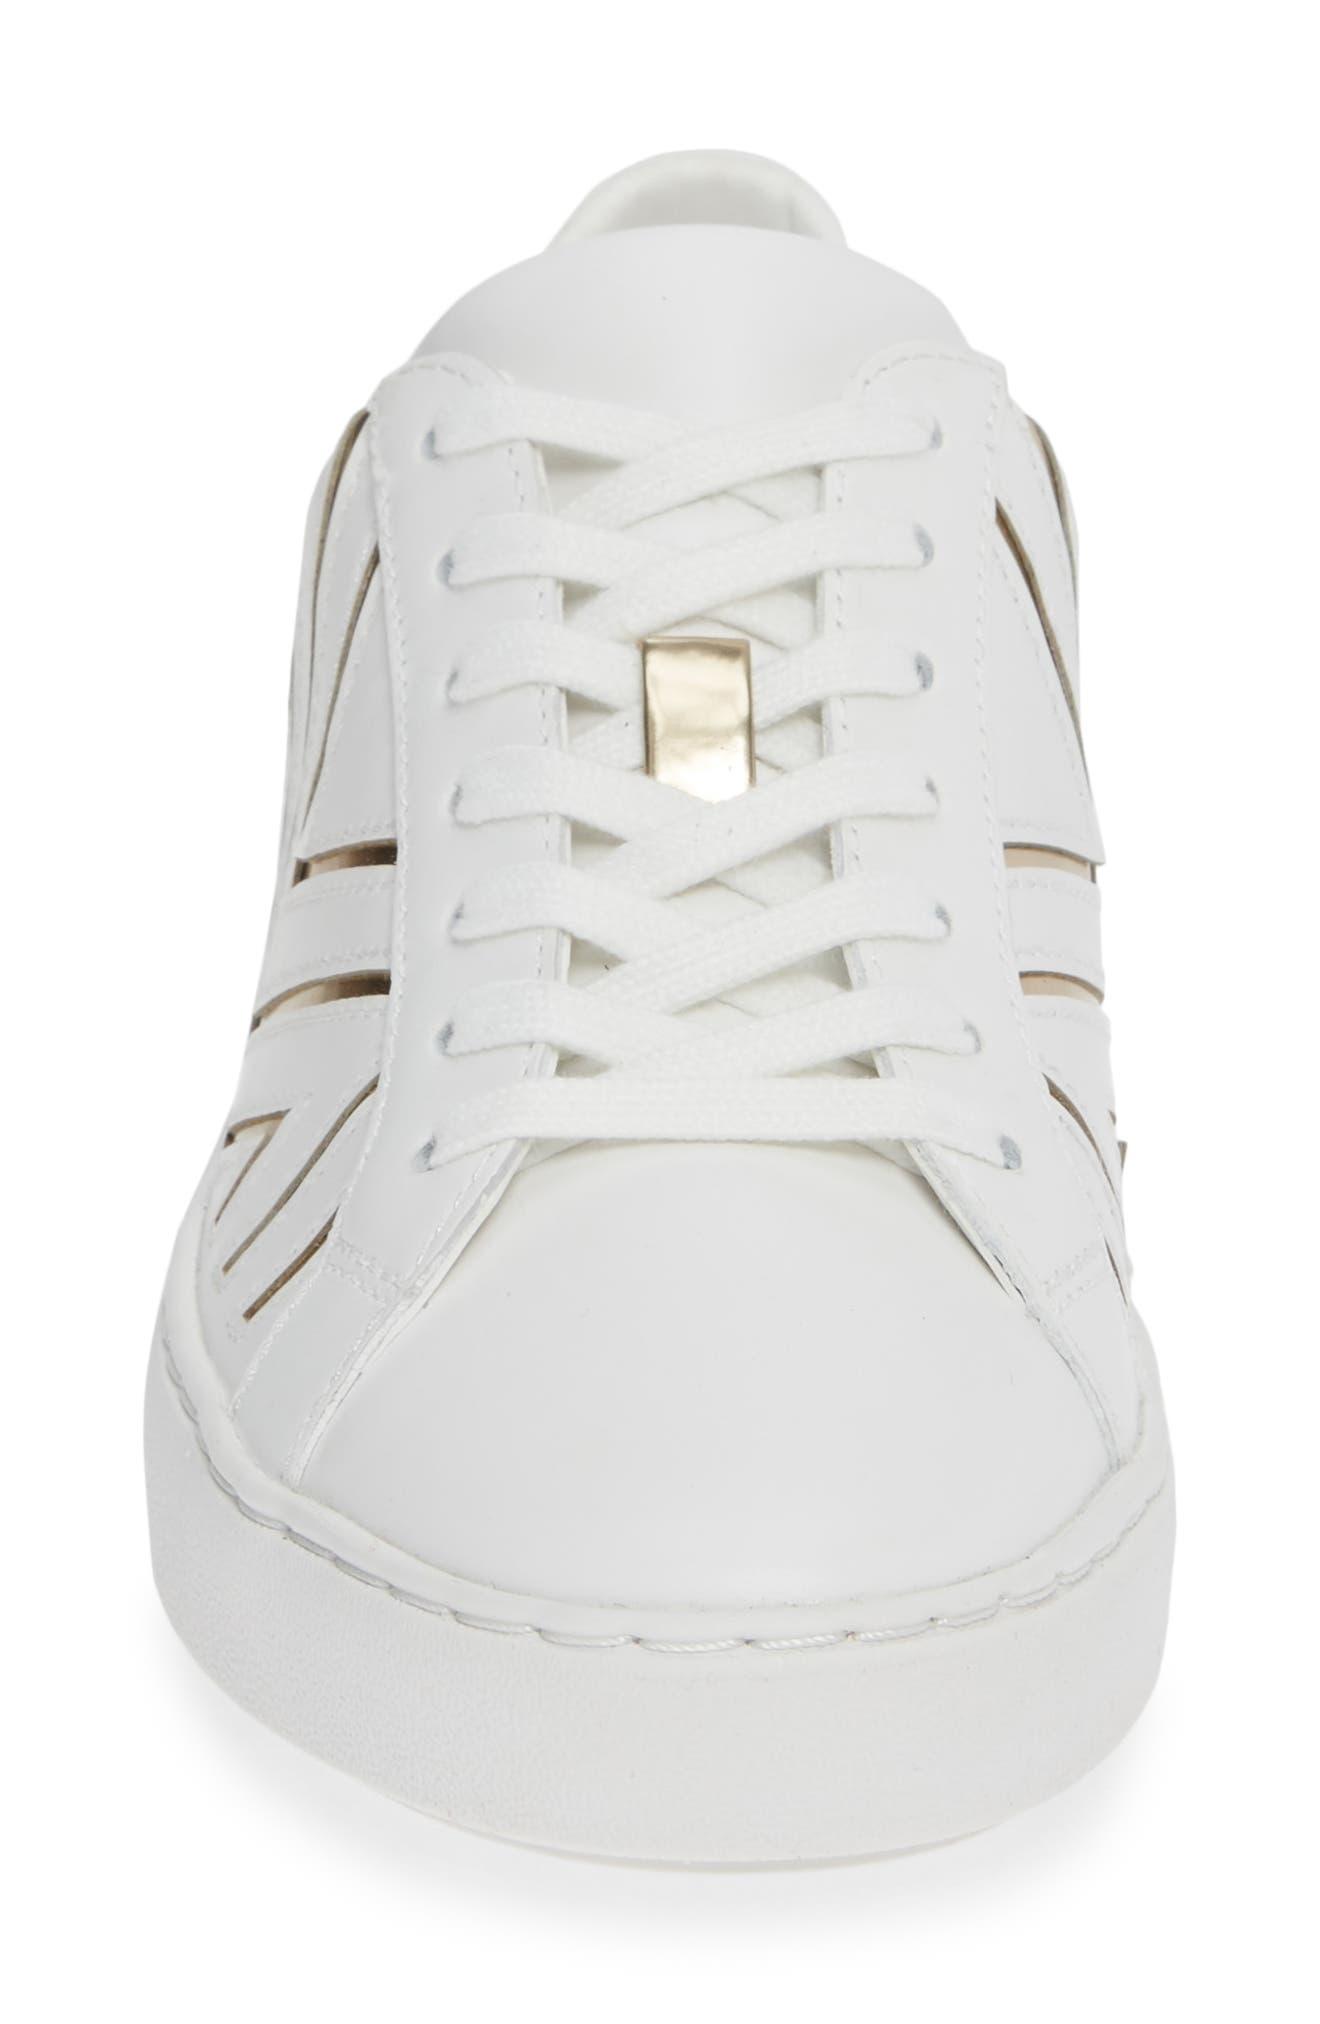 MICHAEL MICHAEL KORS,                             Whitney Sneaker,                             Alternate thumbnail 4, color,                             100